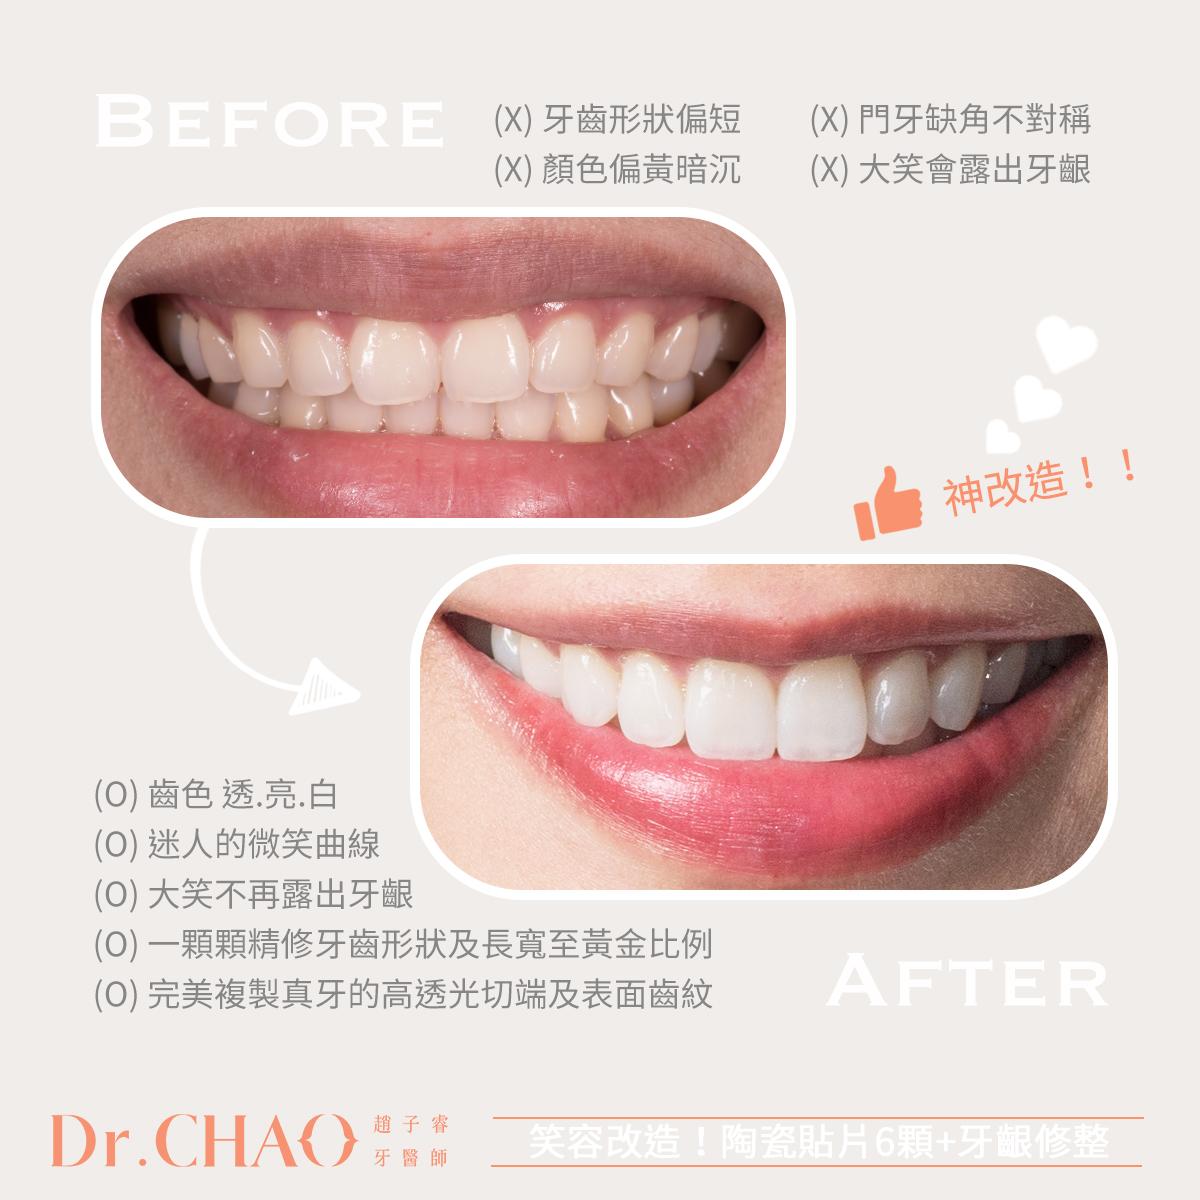 趙子睿醫師利用上排6顆陶瓷貼片加上牙齦修整,改善病患原來牙齒形狀偏短、泛黃、門牙缺損不對稱和笑齦等問題。新的笑容白皙透亮,完美展現迷人的微笑曲線。